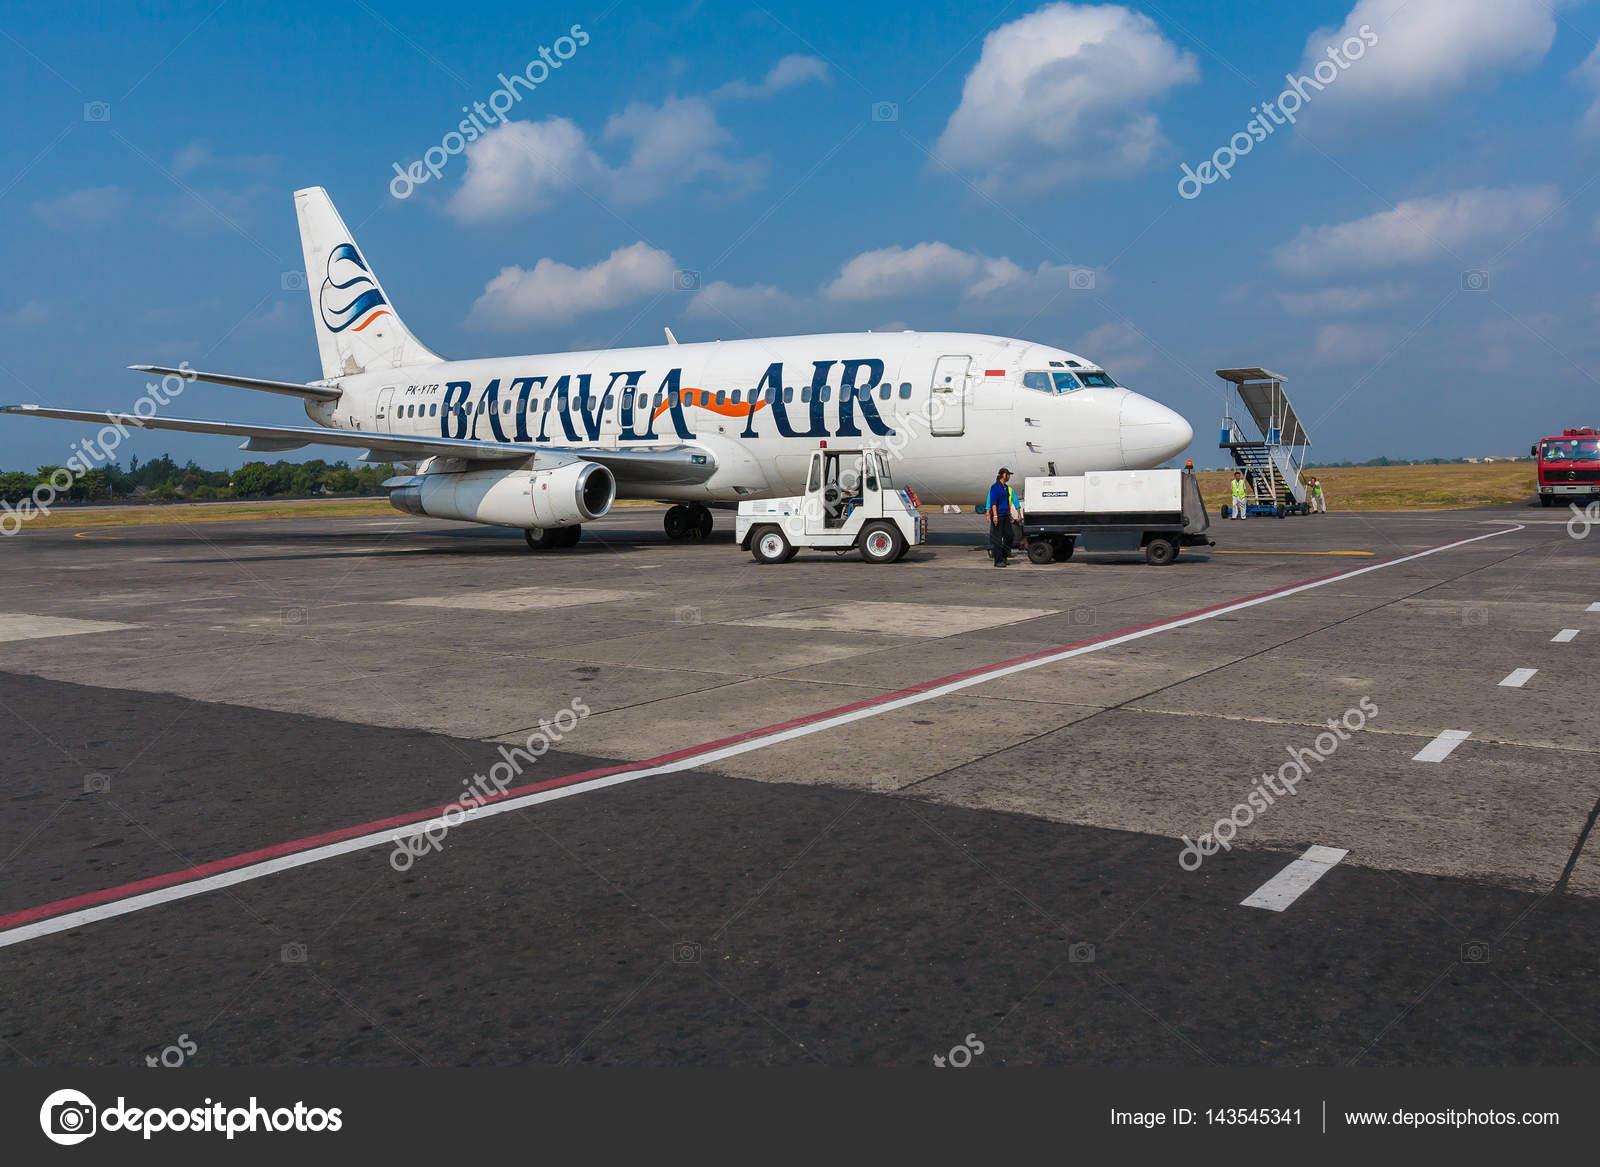 Aeroporto Bali : Aeroporto di bali indonesia agosto aeroplano di